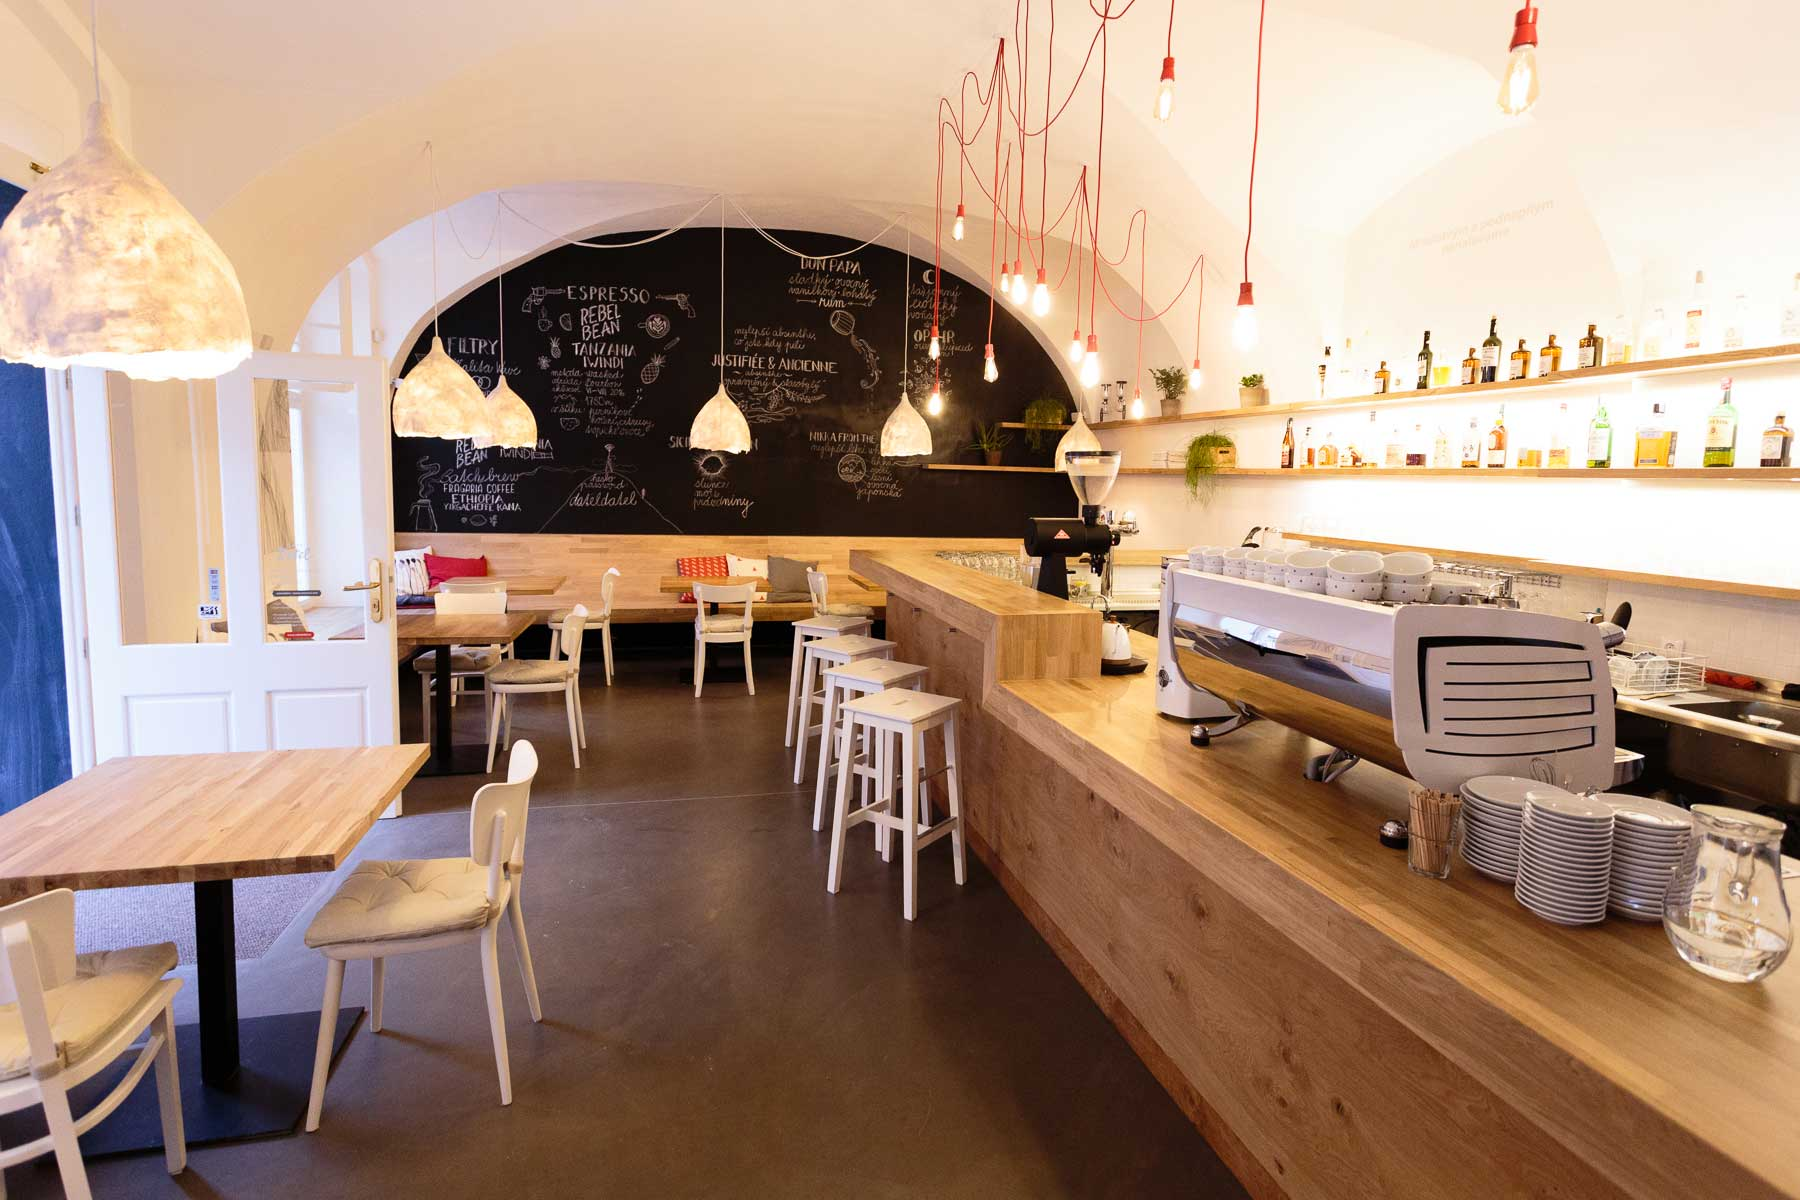 Kavárvna Café Datel - kaskádovitý dřevený pult vytvářející zázemí. Autor: Kurz architekti